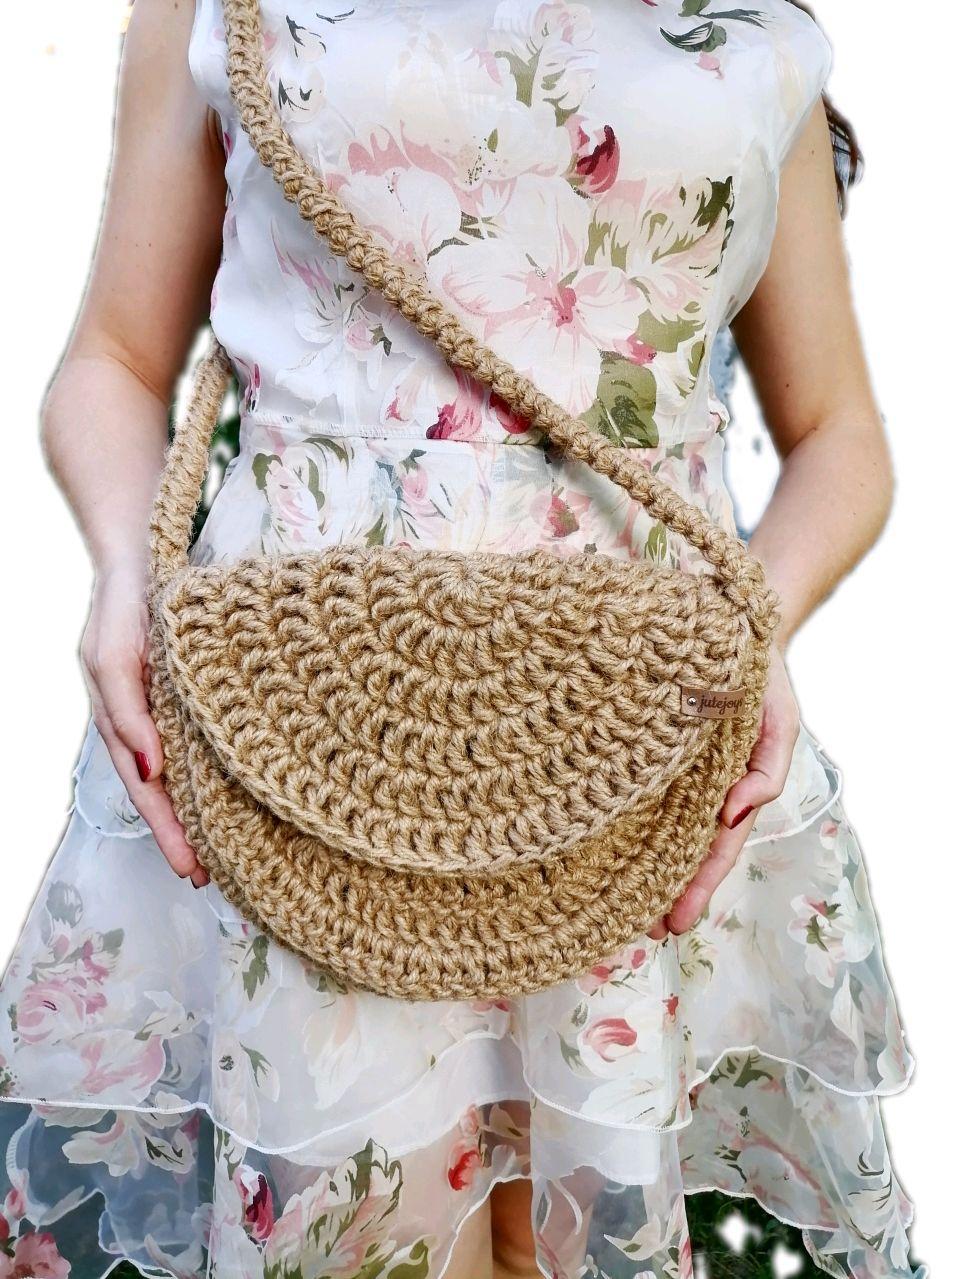 Полукруглая сумка из джута, сумка с клапаном, удобная сумка, Классическая сумка, Лиски,  Фото №1